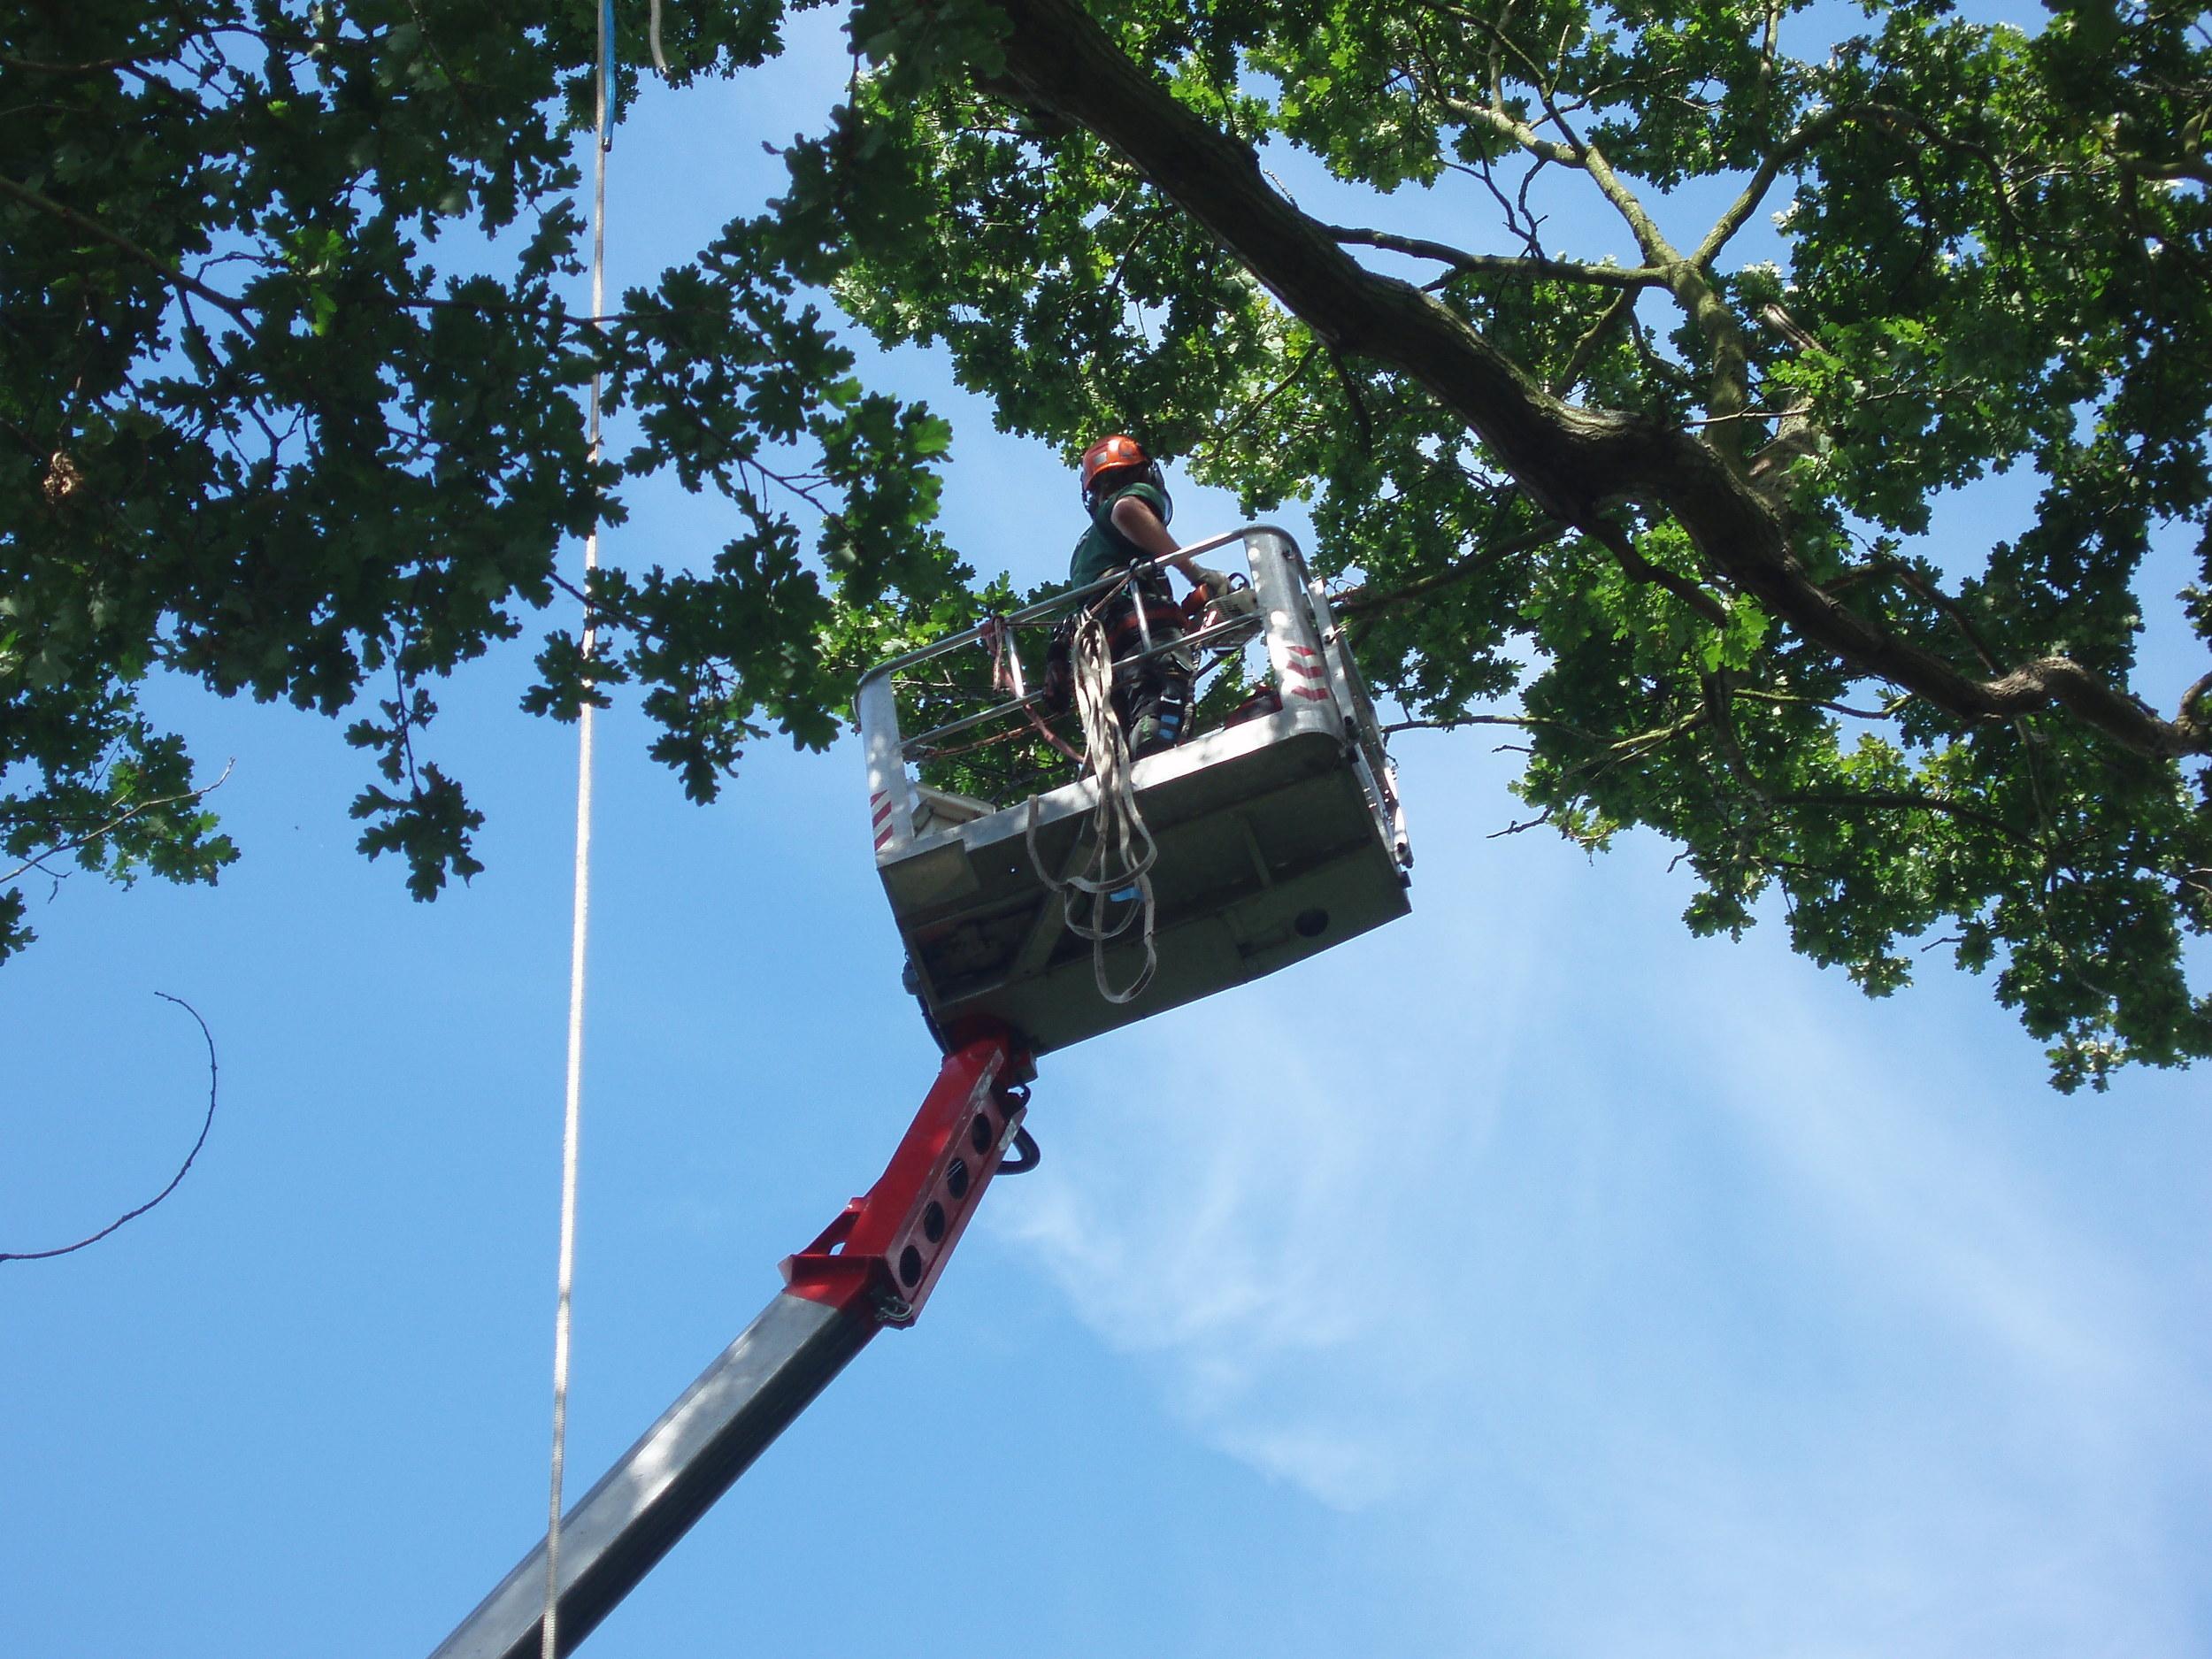 Greenacre_Trees_Landscapes_Platform work 3.JPG